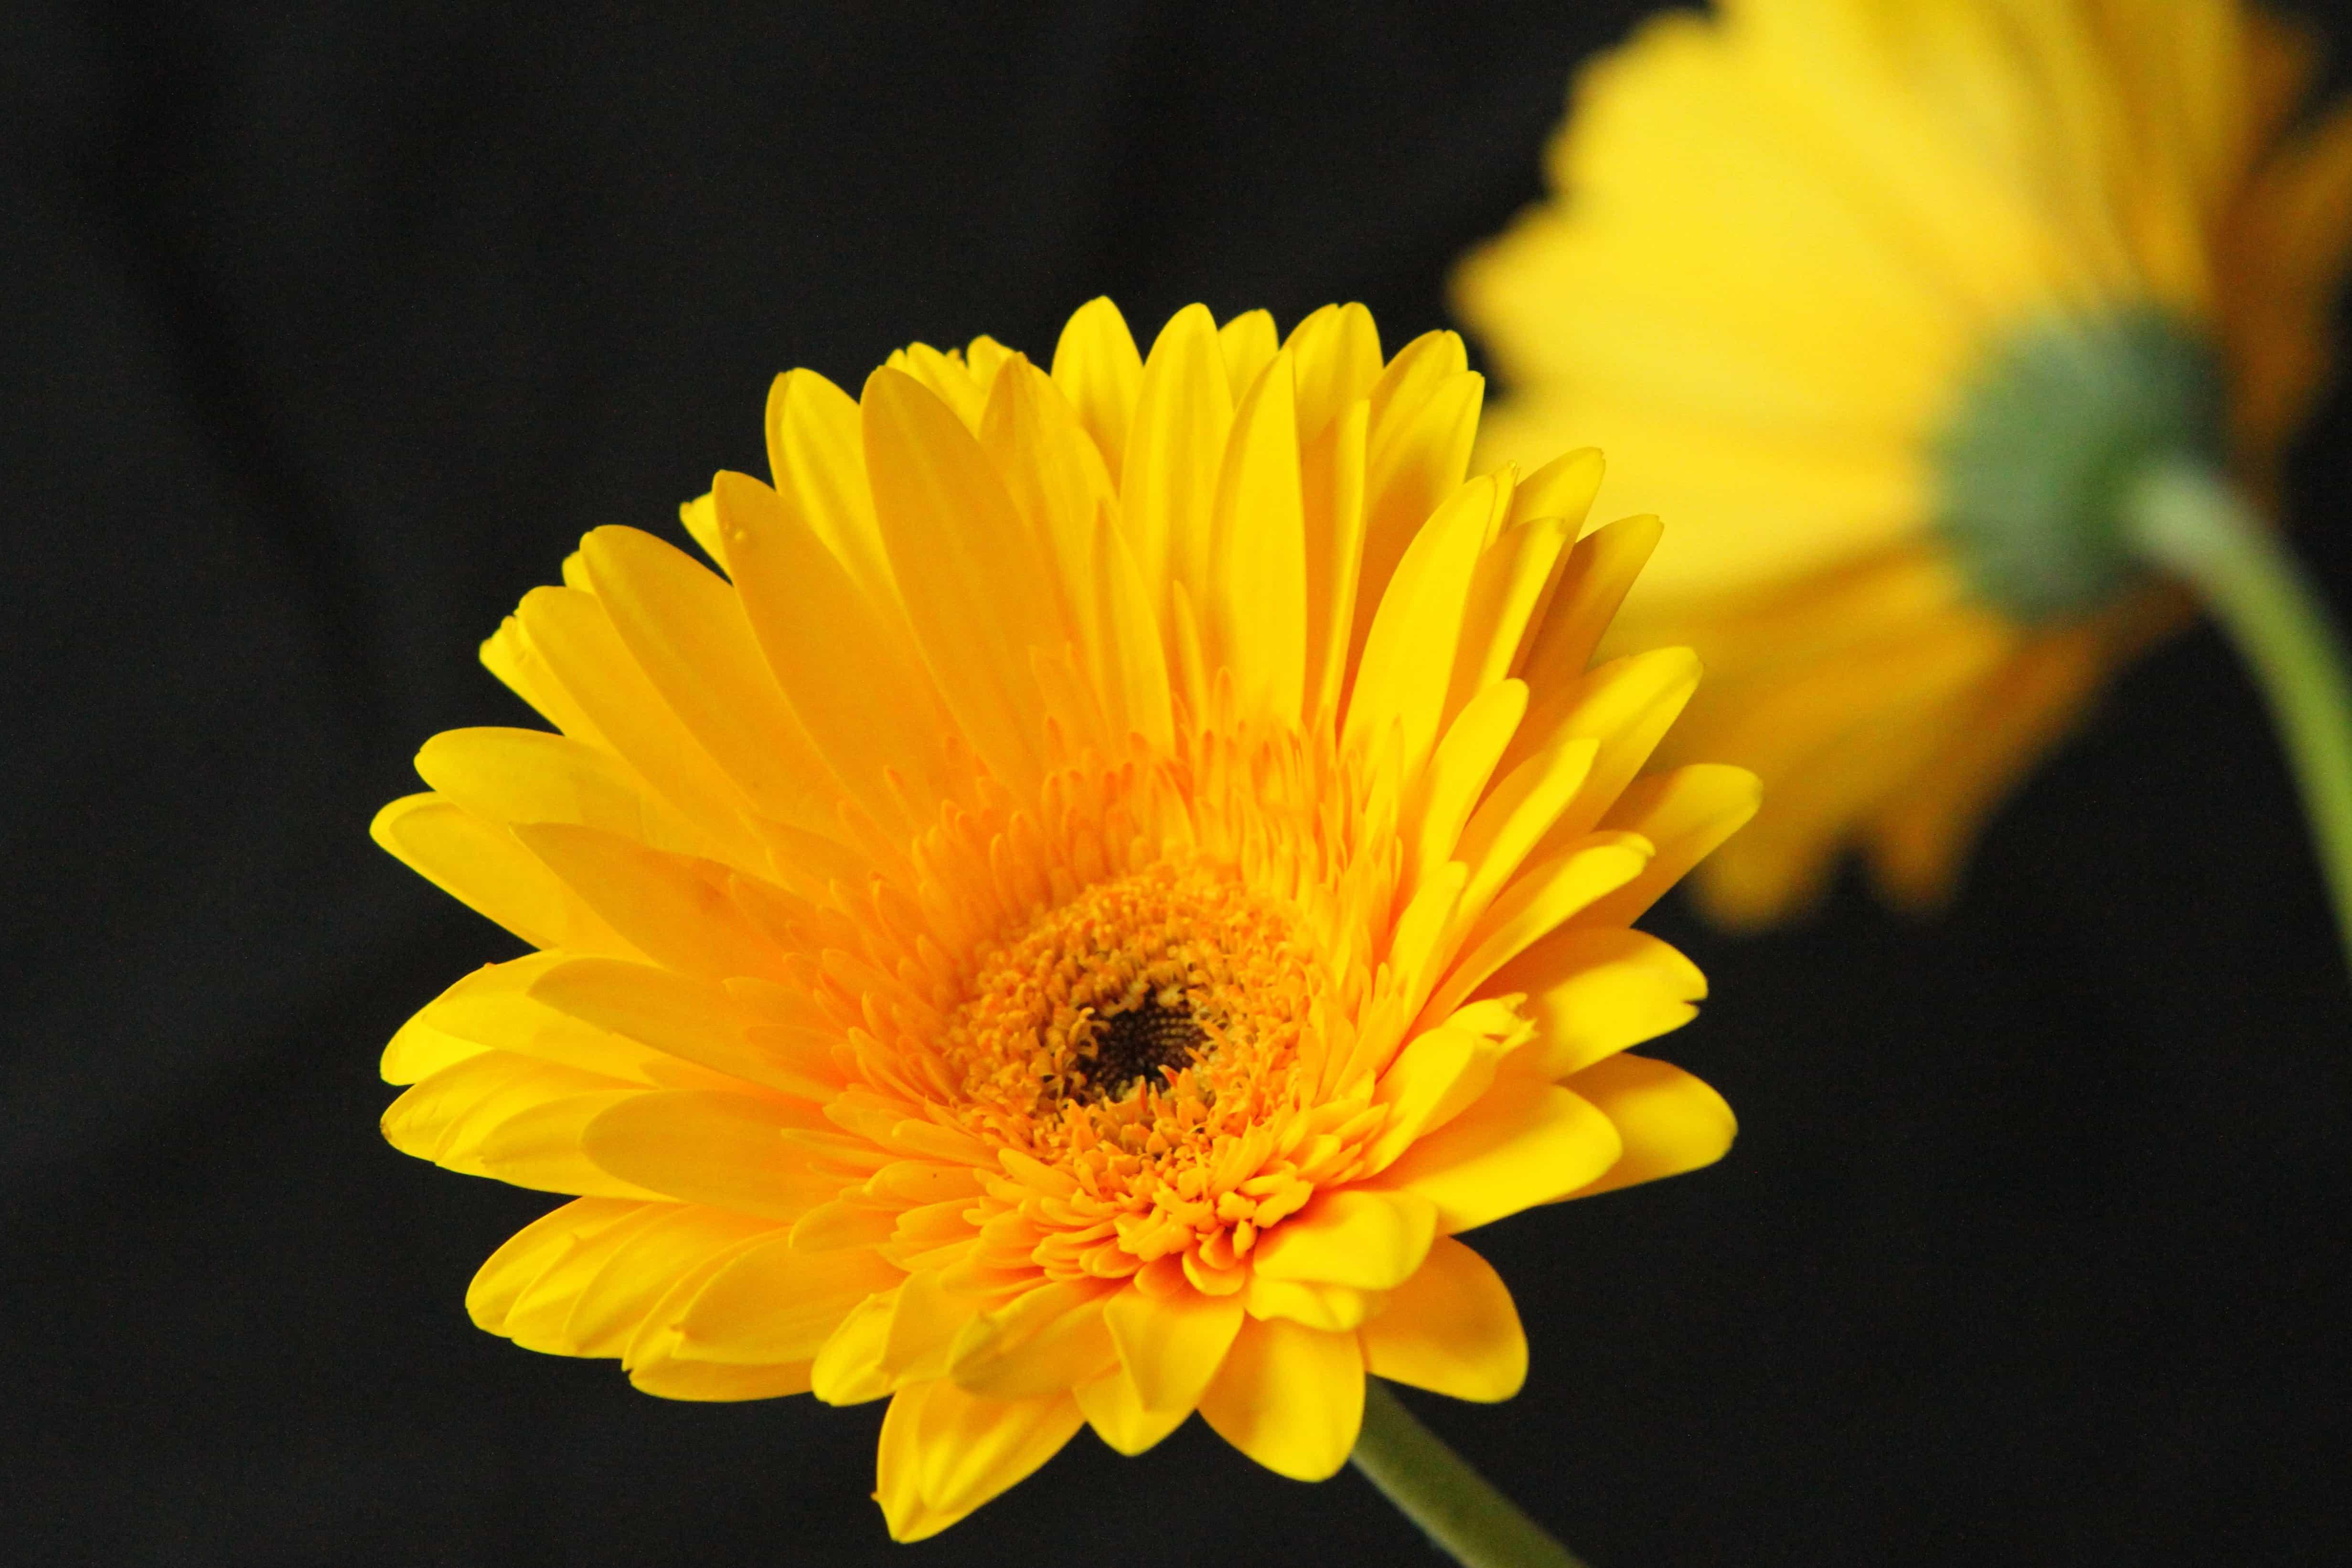 Mums Flowers Free Images Public Domain Images